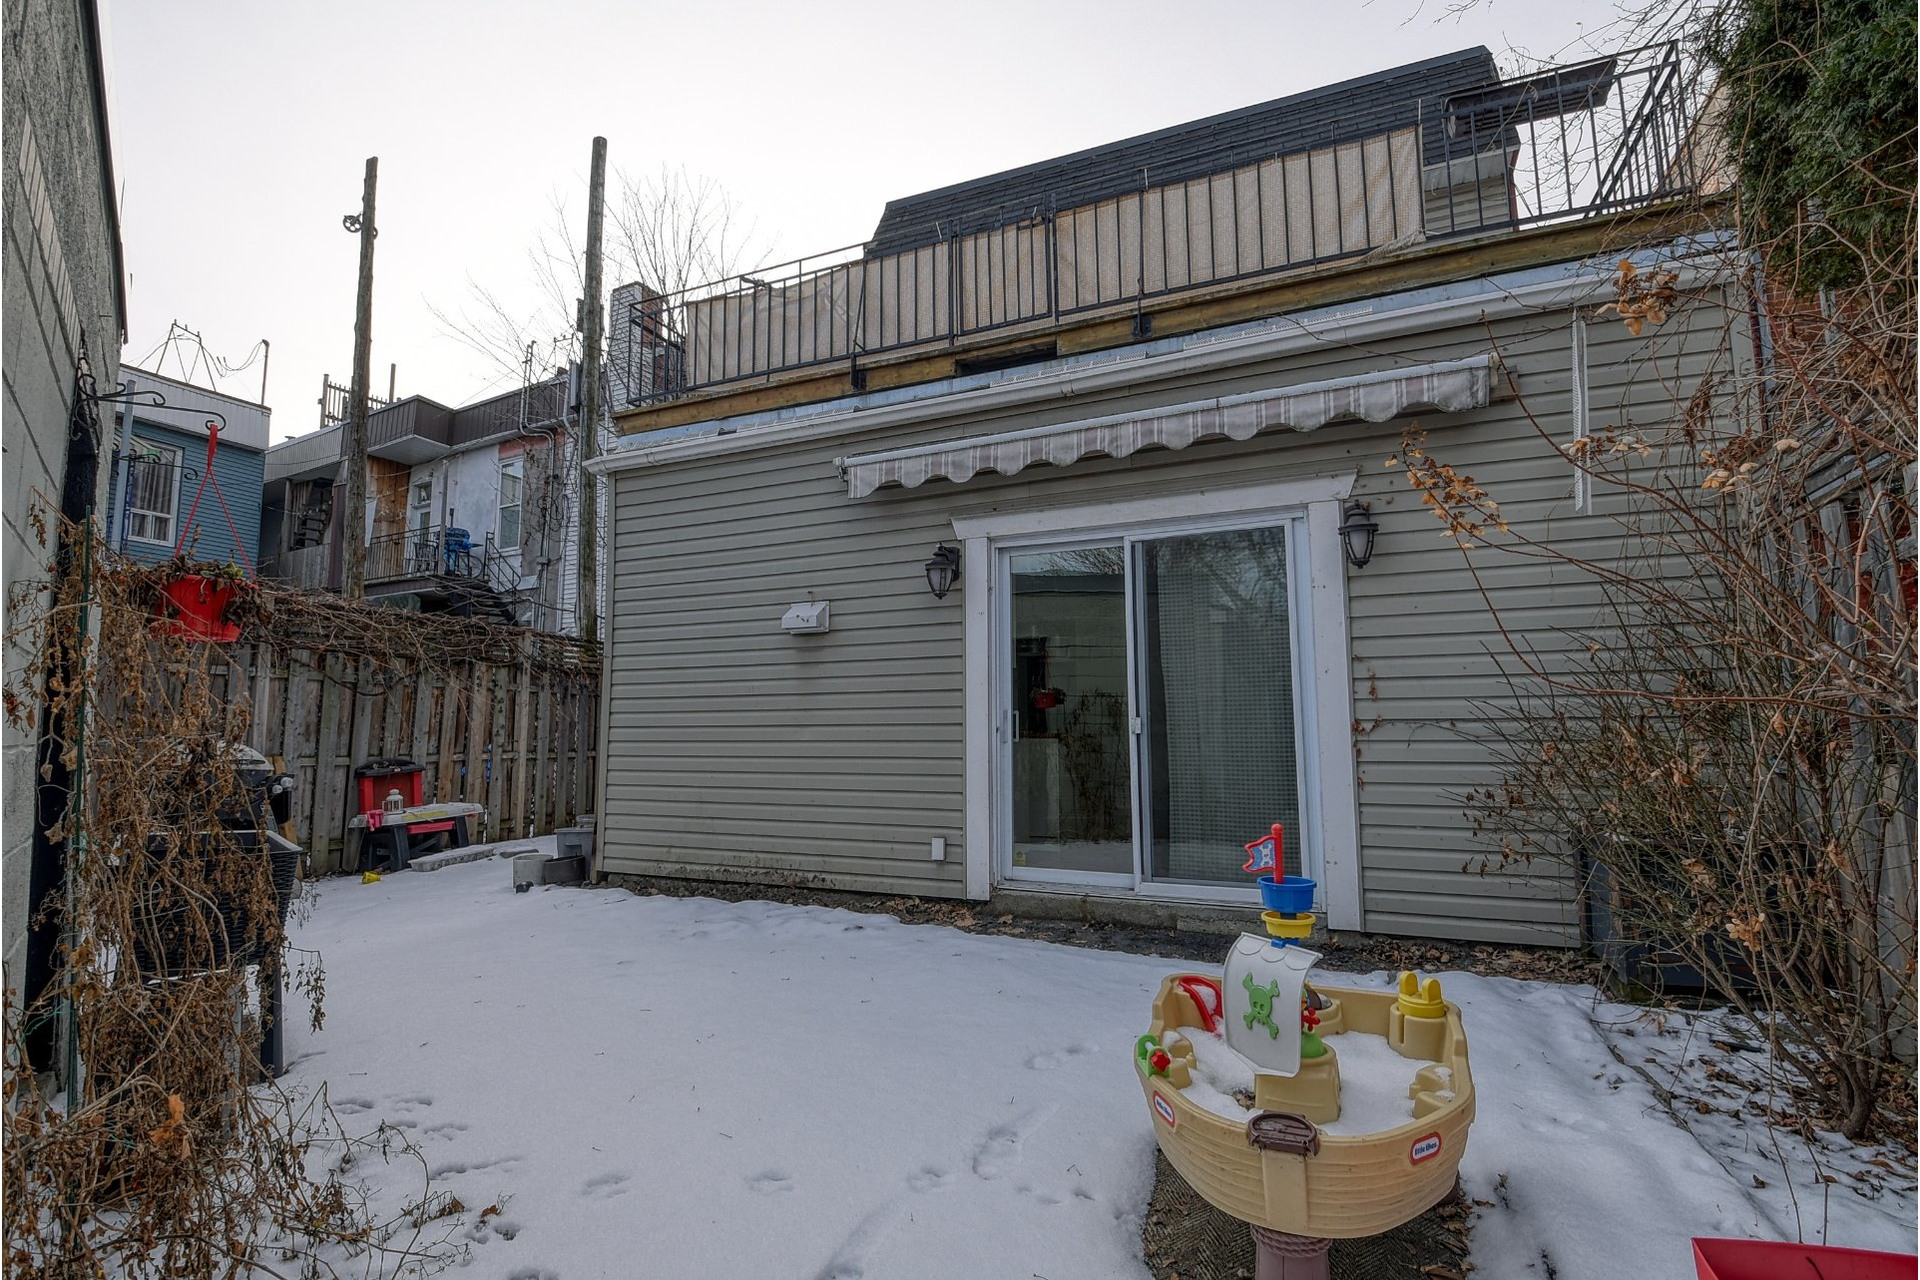 image 23 - Duplex For sale Le Sud-Ouest Montréal  - 5 rooms